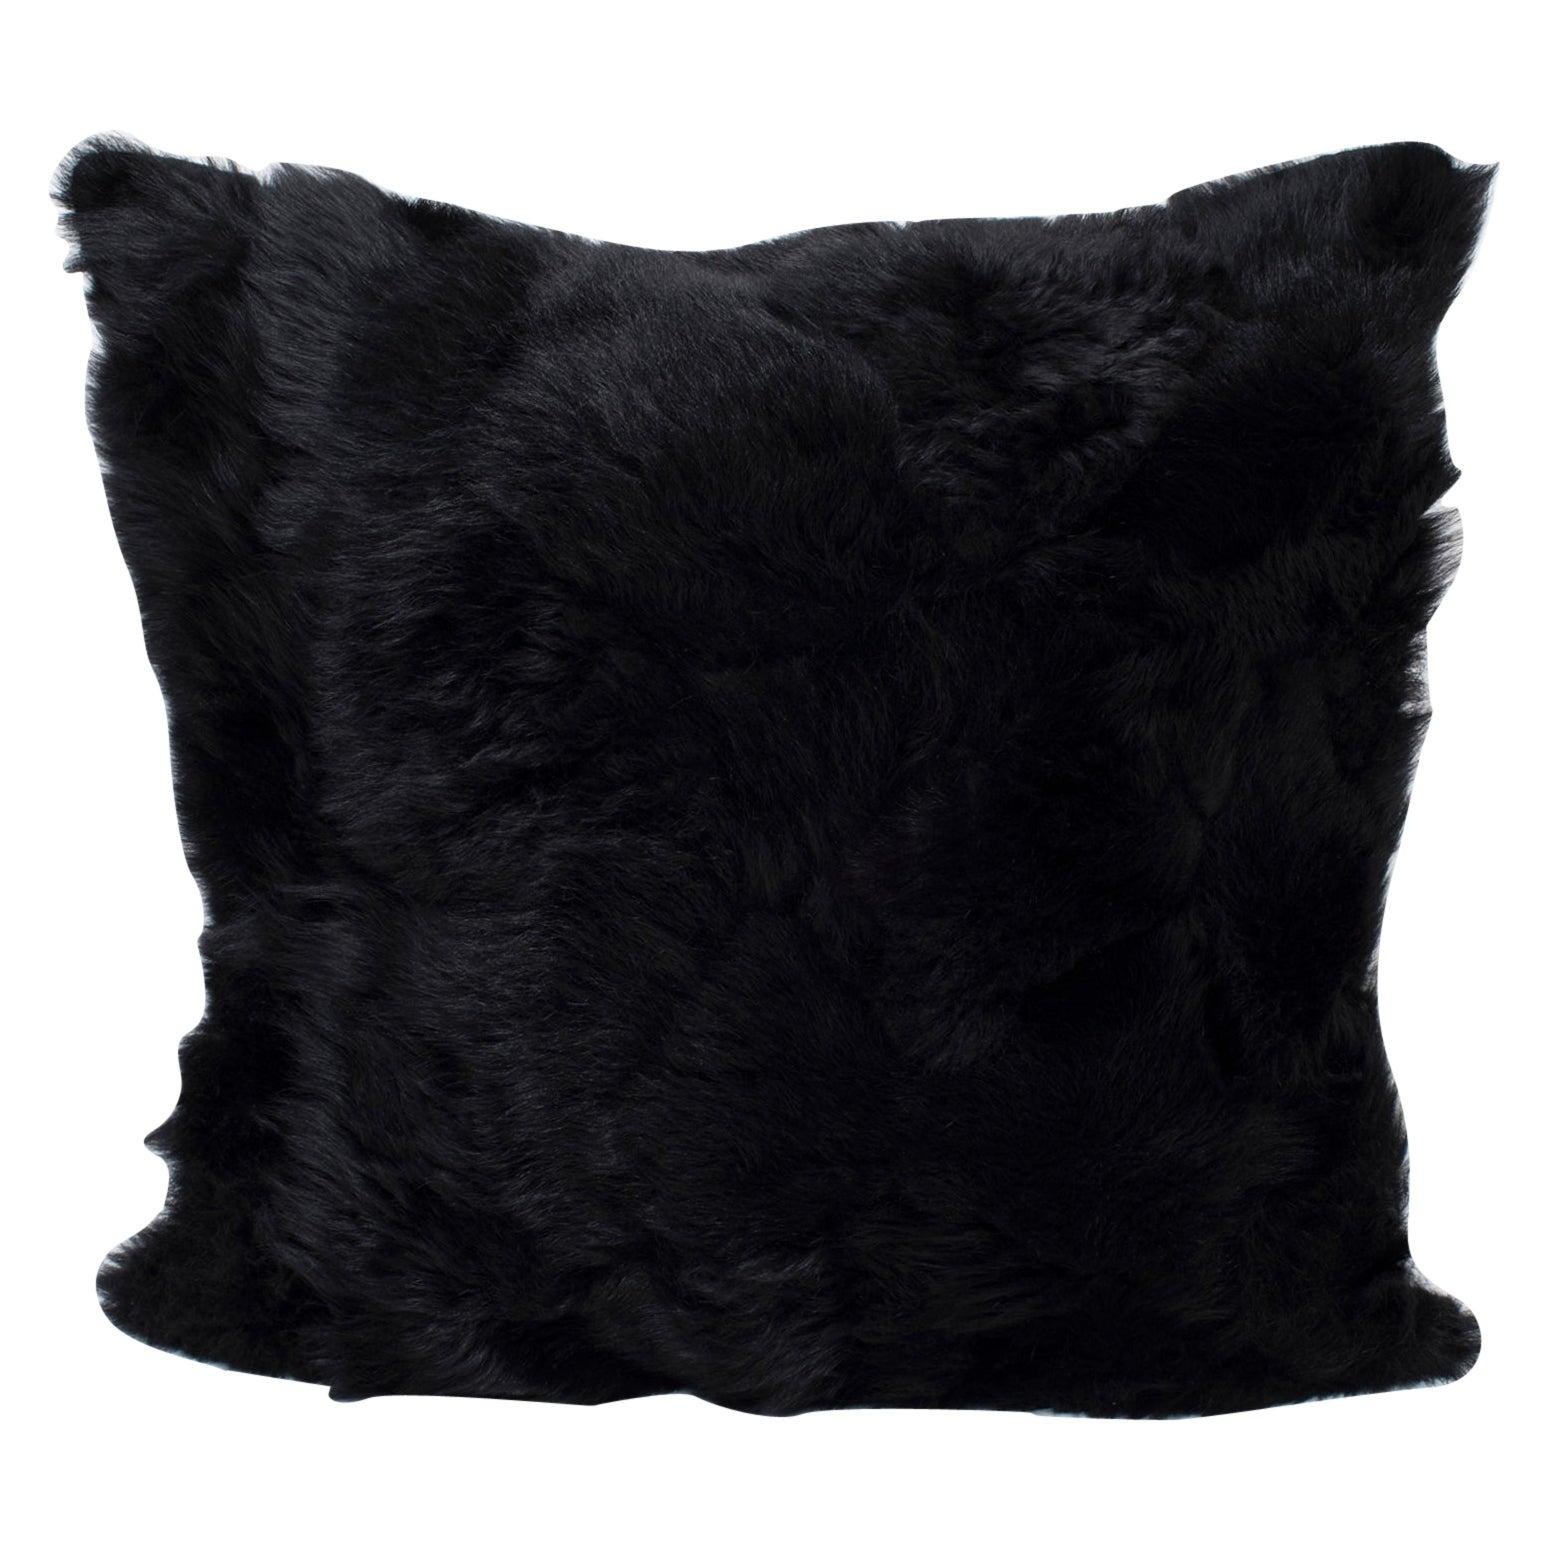 Real Fur Pillow, Authentic Toscana Sheep Fur